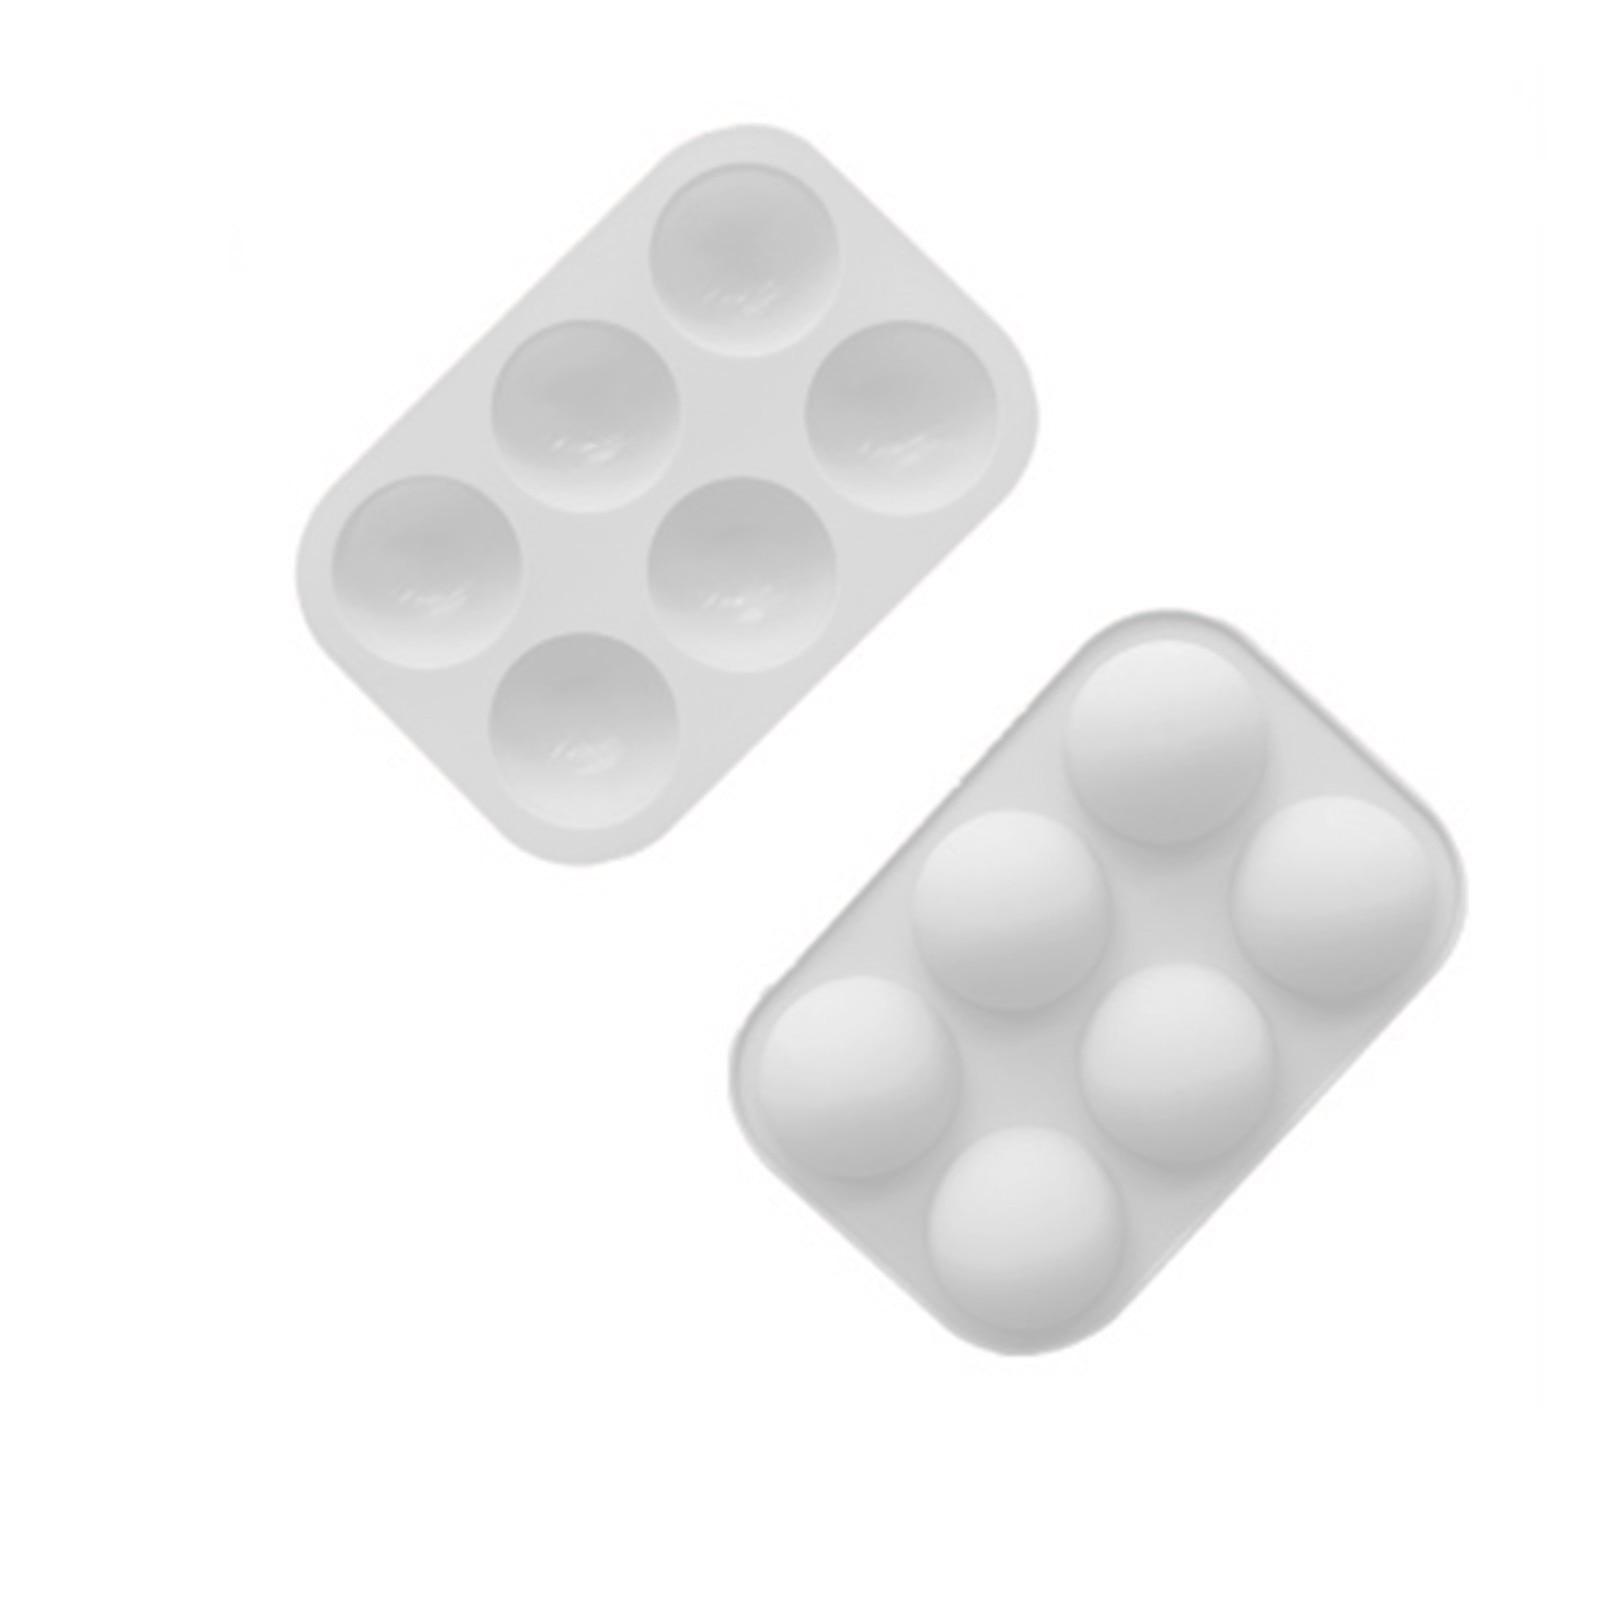 Полусферическая силиконовая форма, форма для выпечки для изготовления шоколада, торта, желе, купола M ^ jusс форма для кастрюль инструменты для украшения кухни выпечки